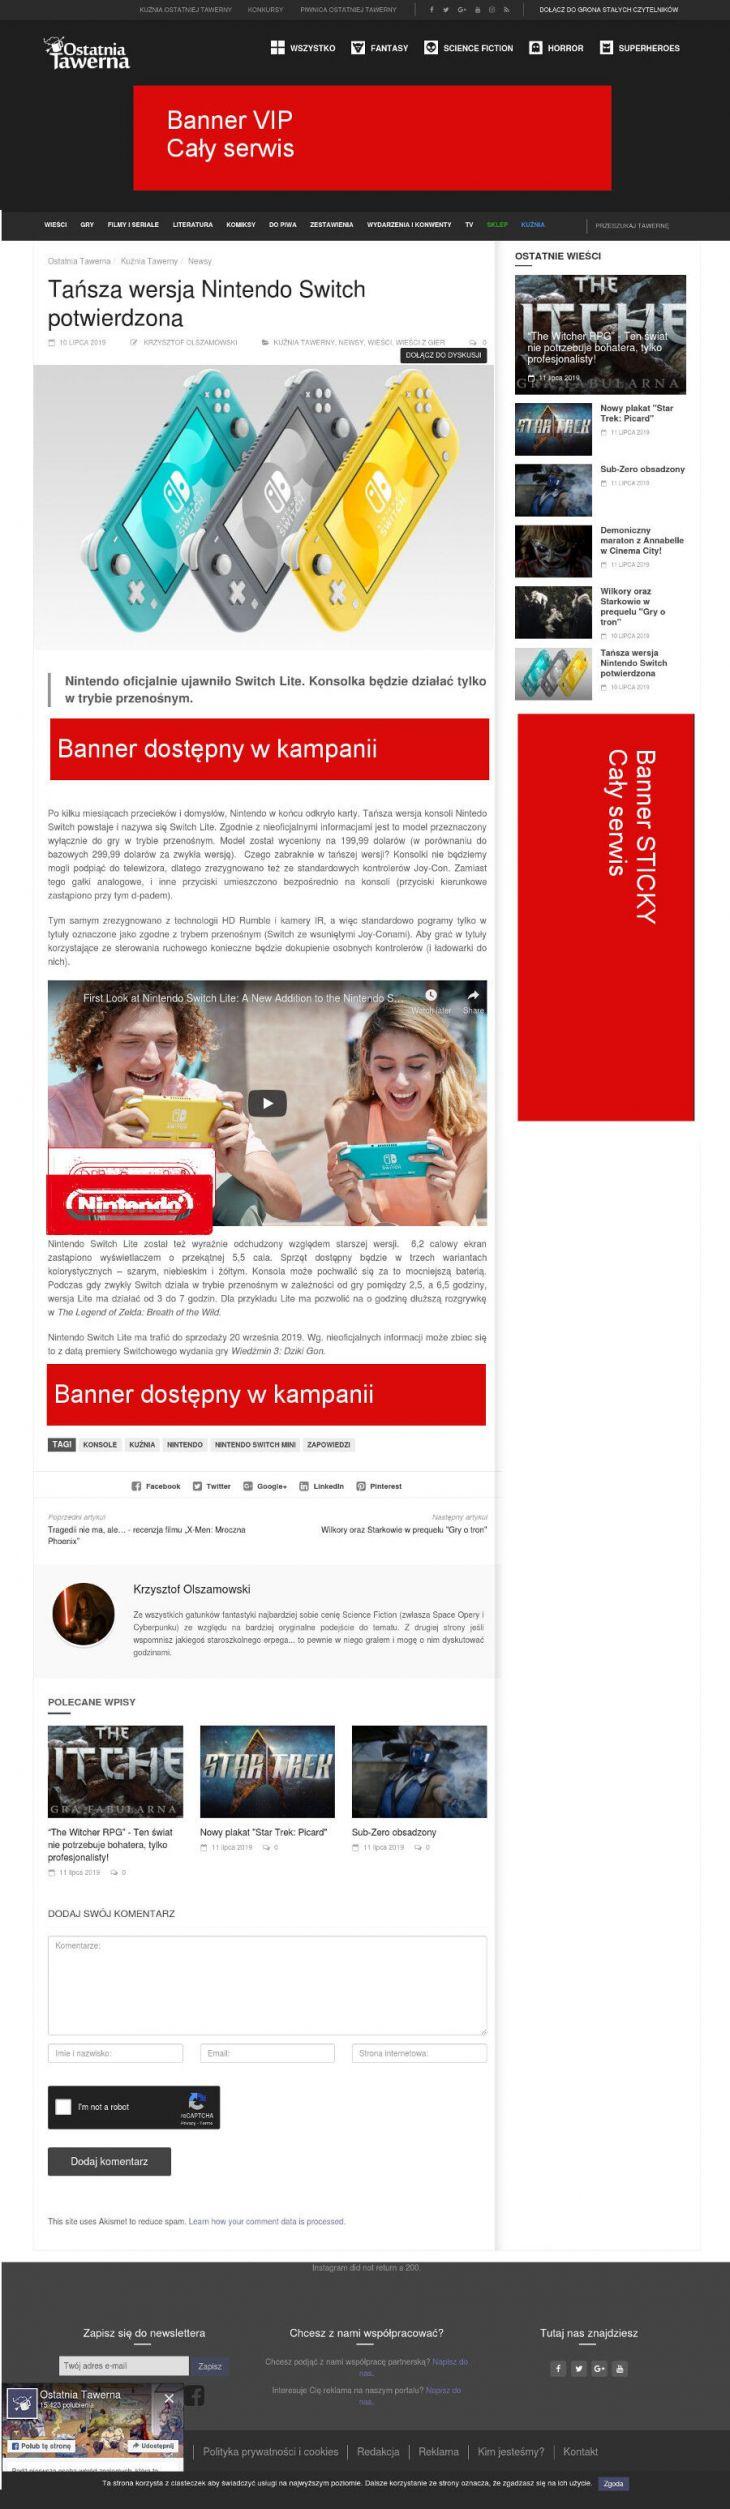 Bloki bannerów na stronie newsów/artykułów